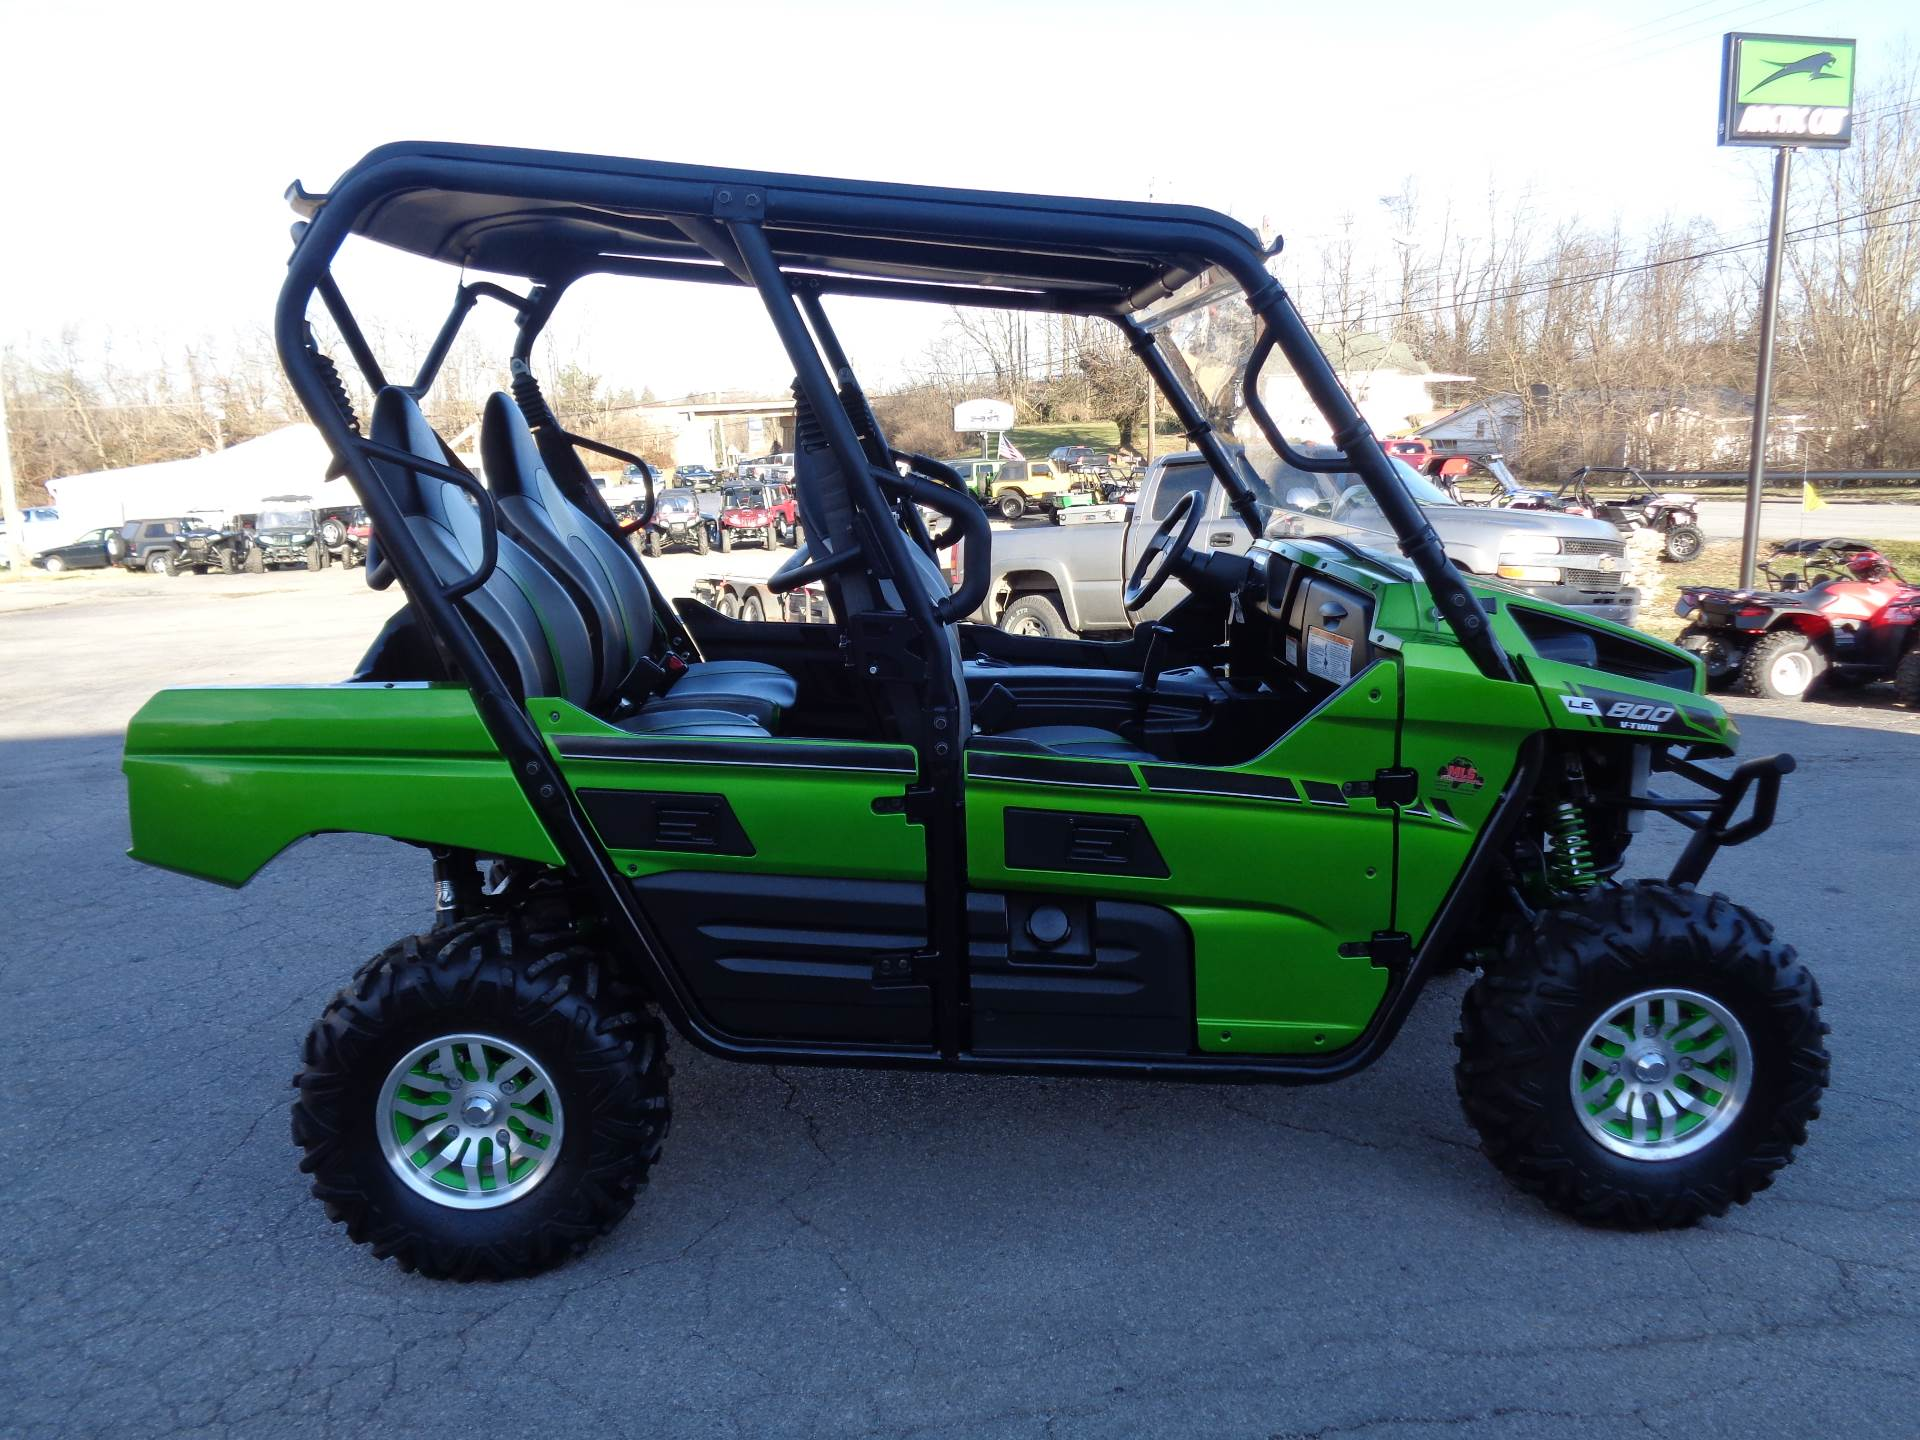 Kawasaki Teryx For Sale In Bc